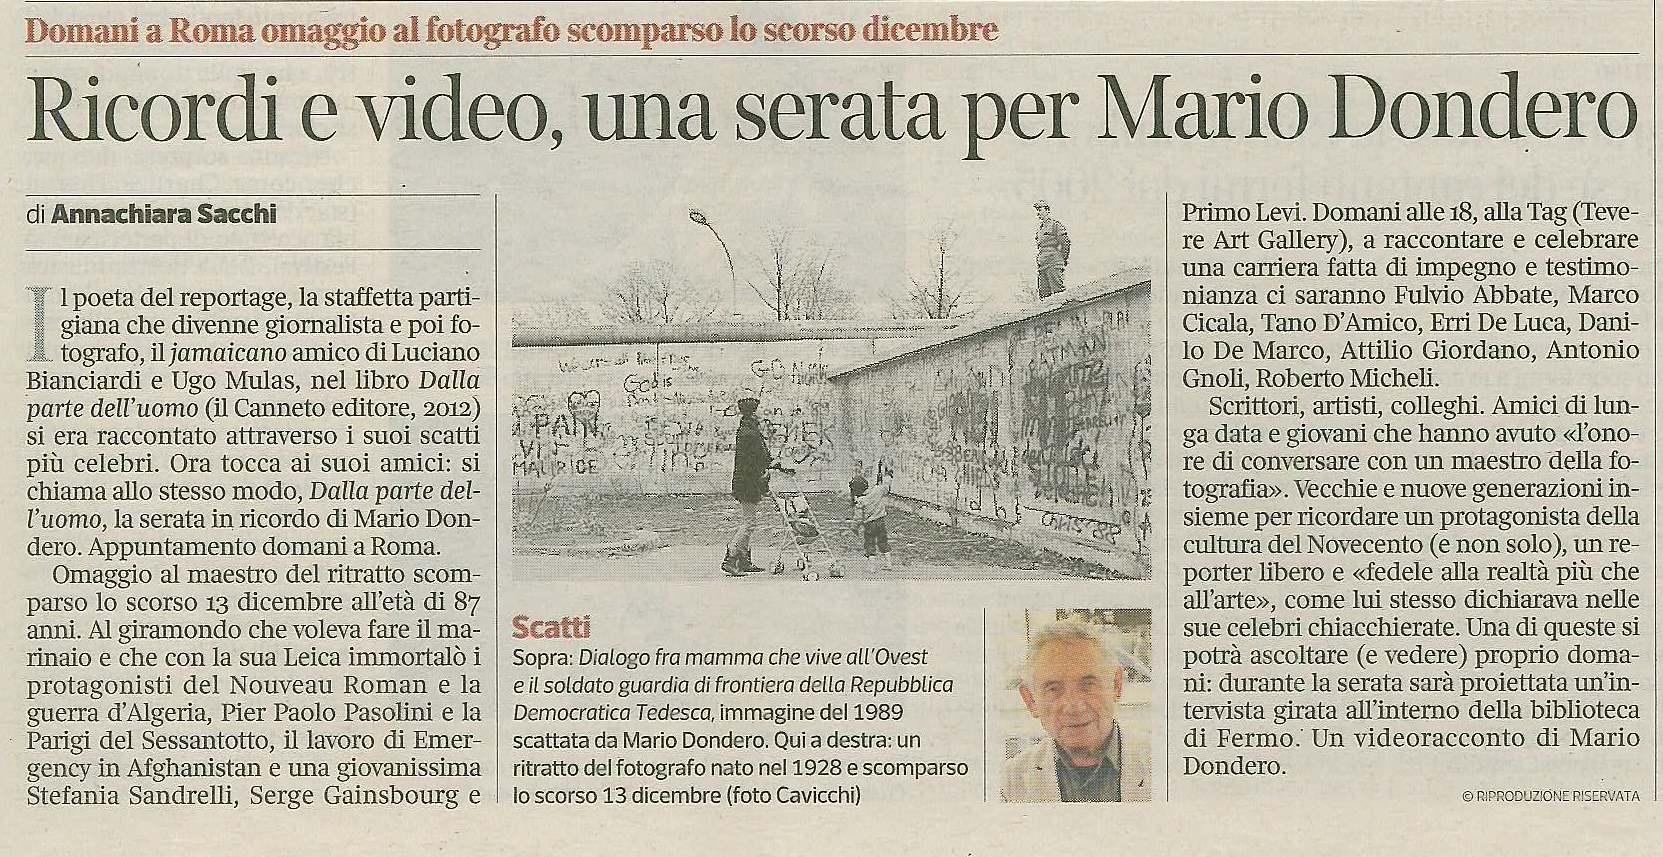 Ricordi e video, una serata per Mario Dondero